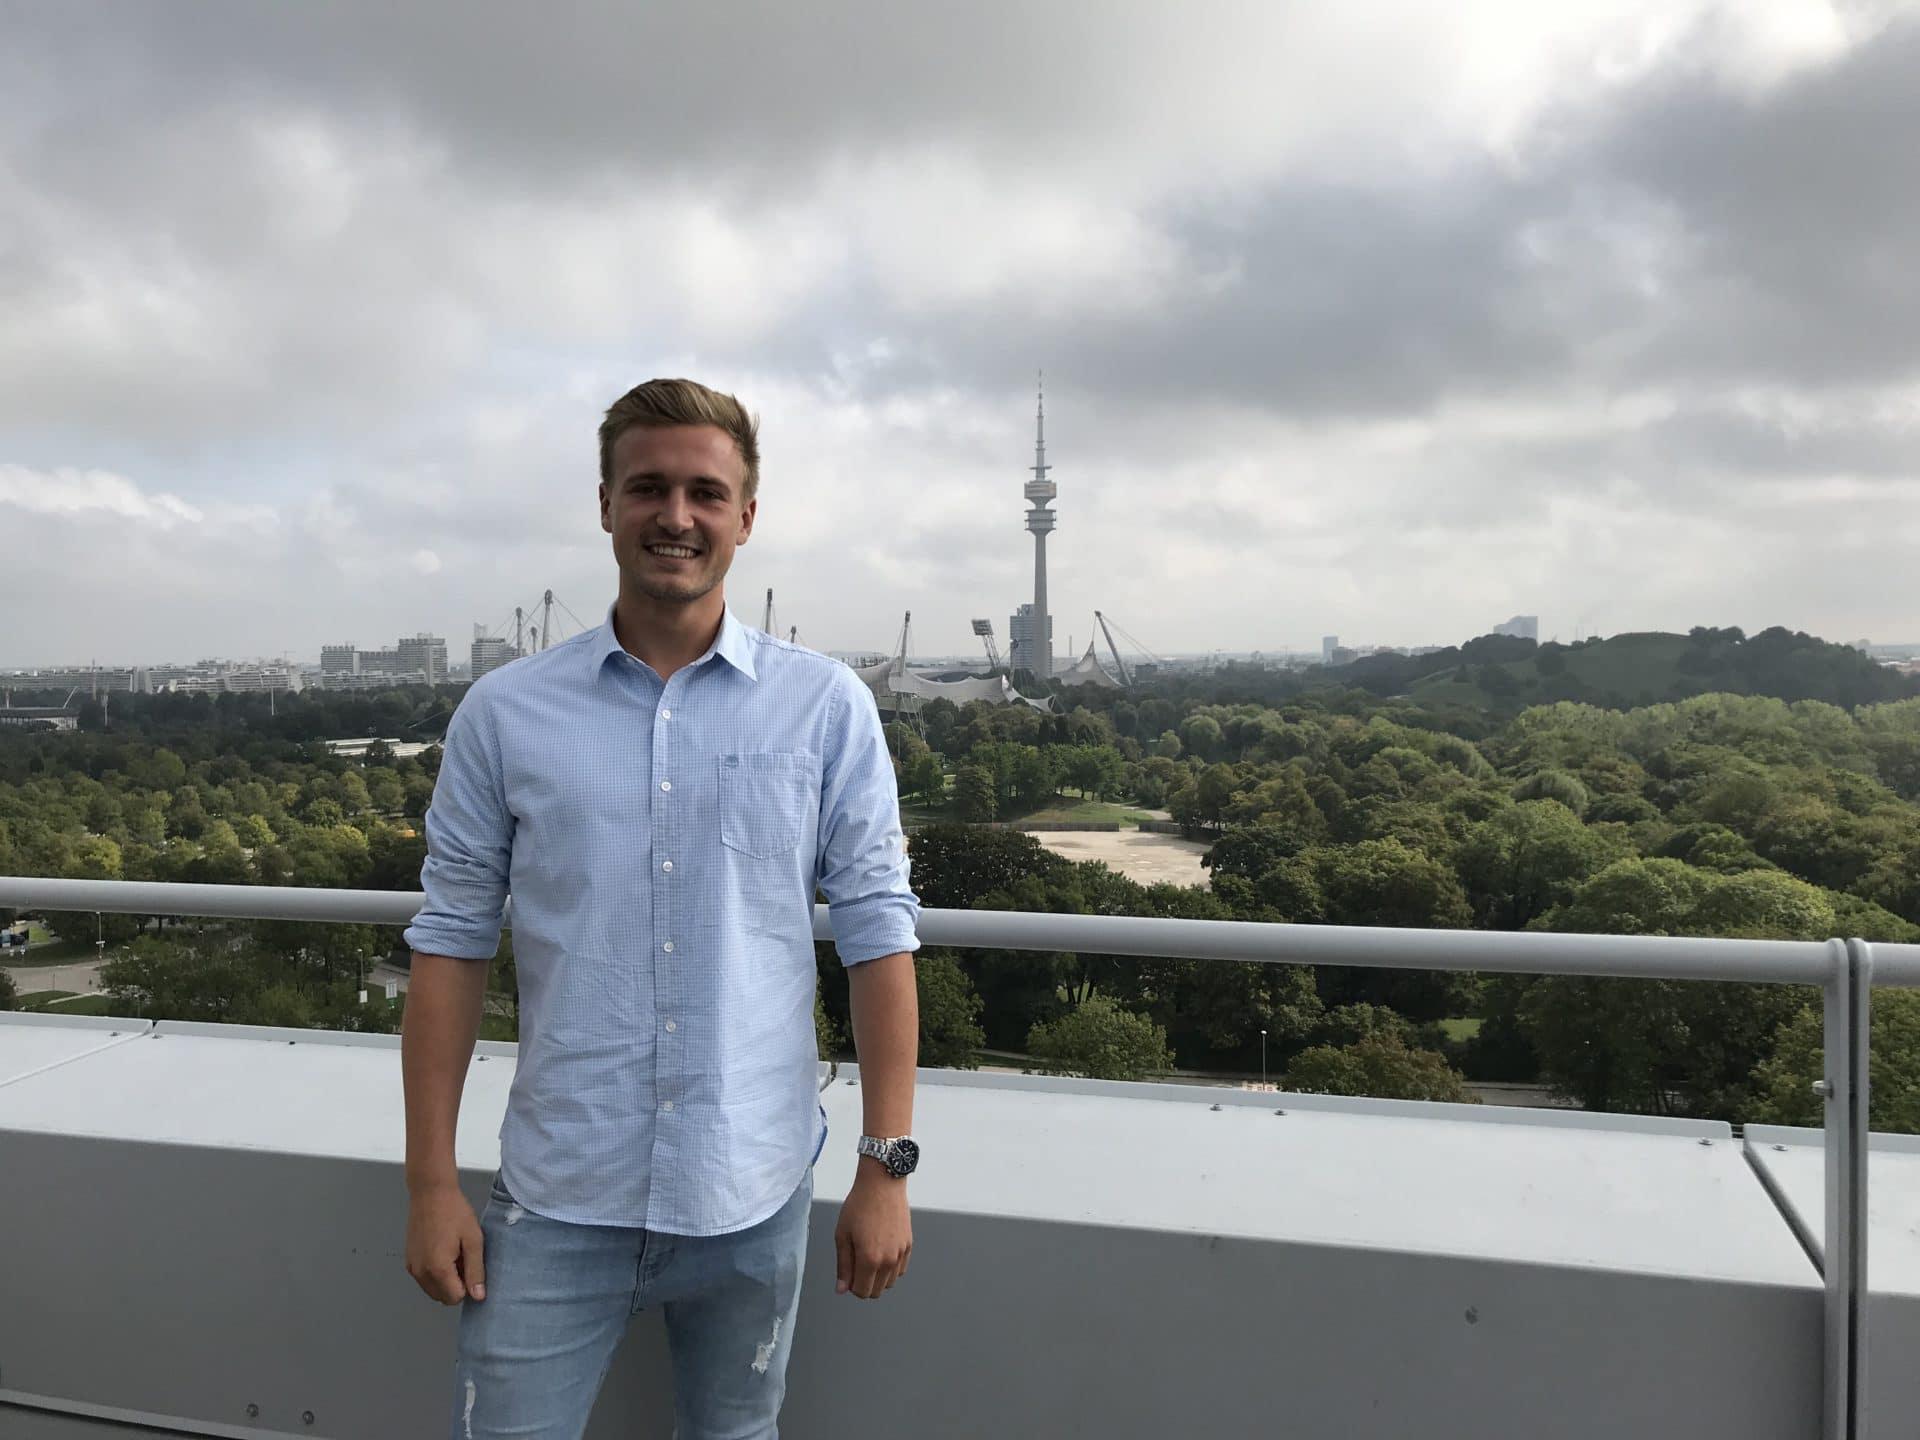 Unser neuer Werkstudent in Data Science Florian Wasserab